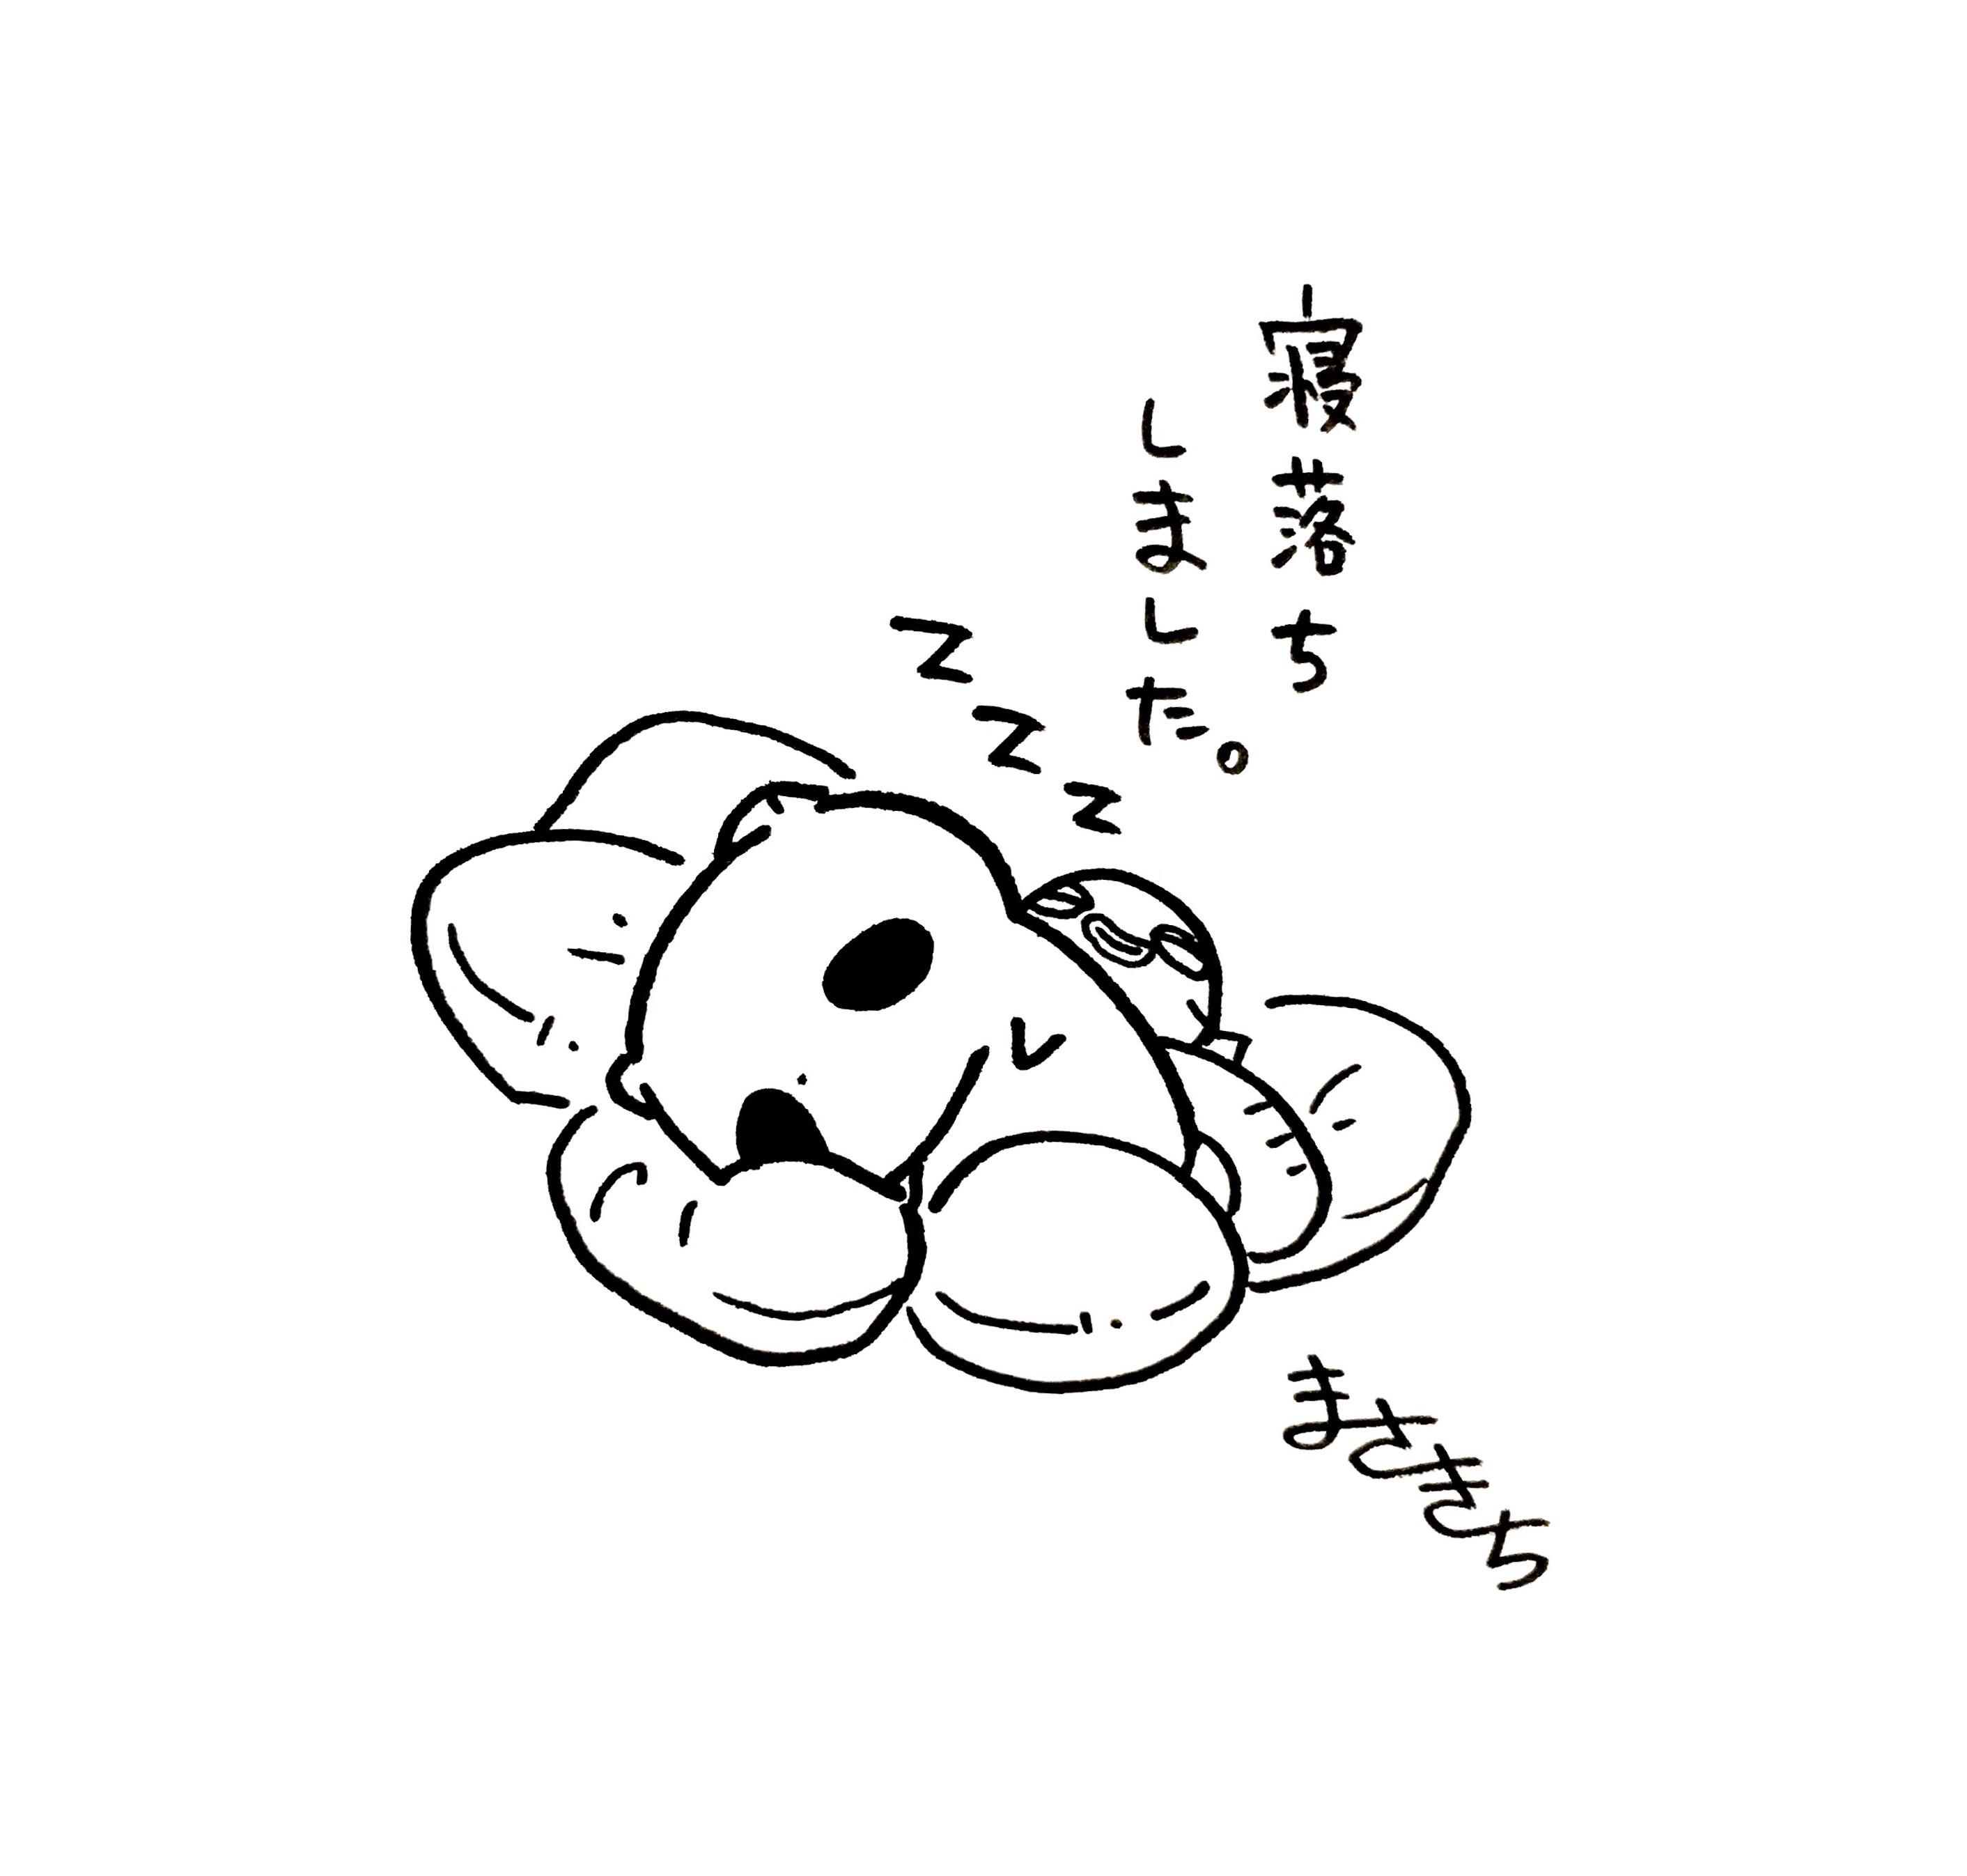 f:id:miyamasaki:20170930025439j:image